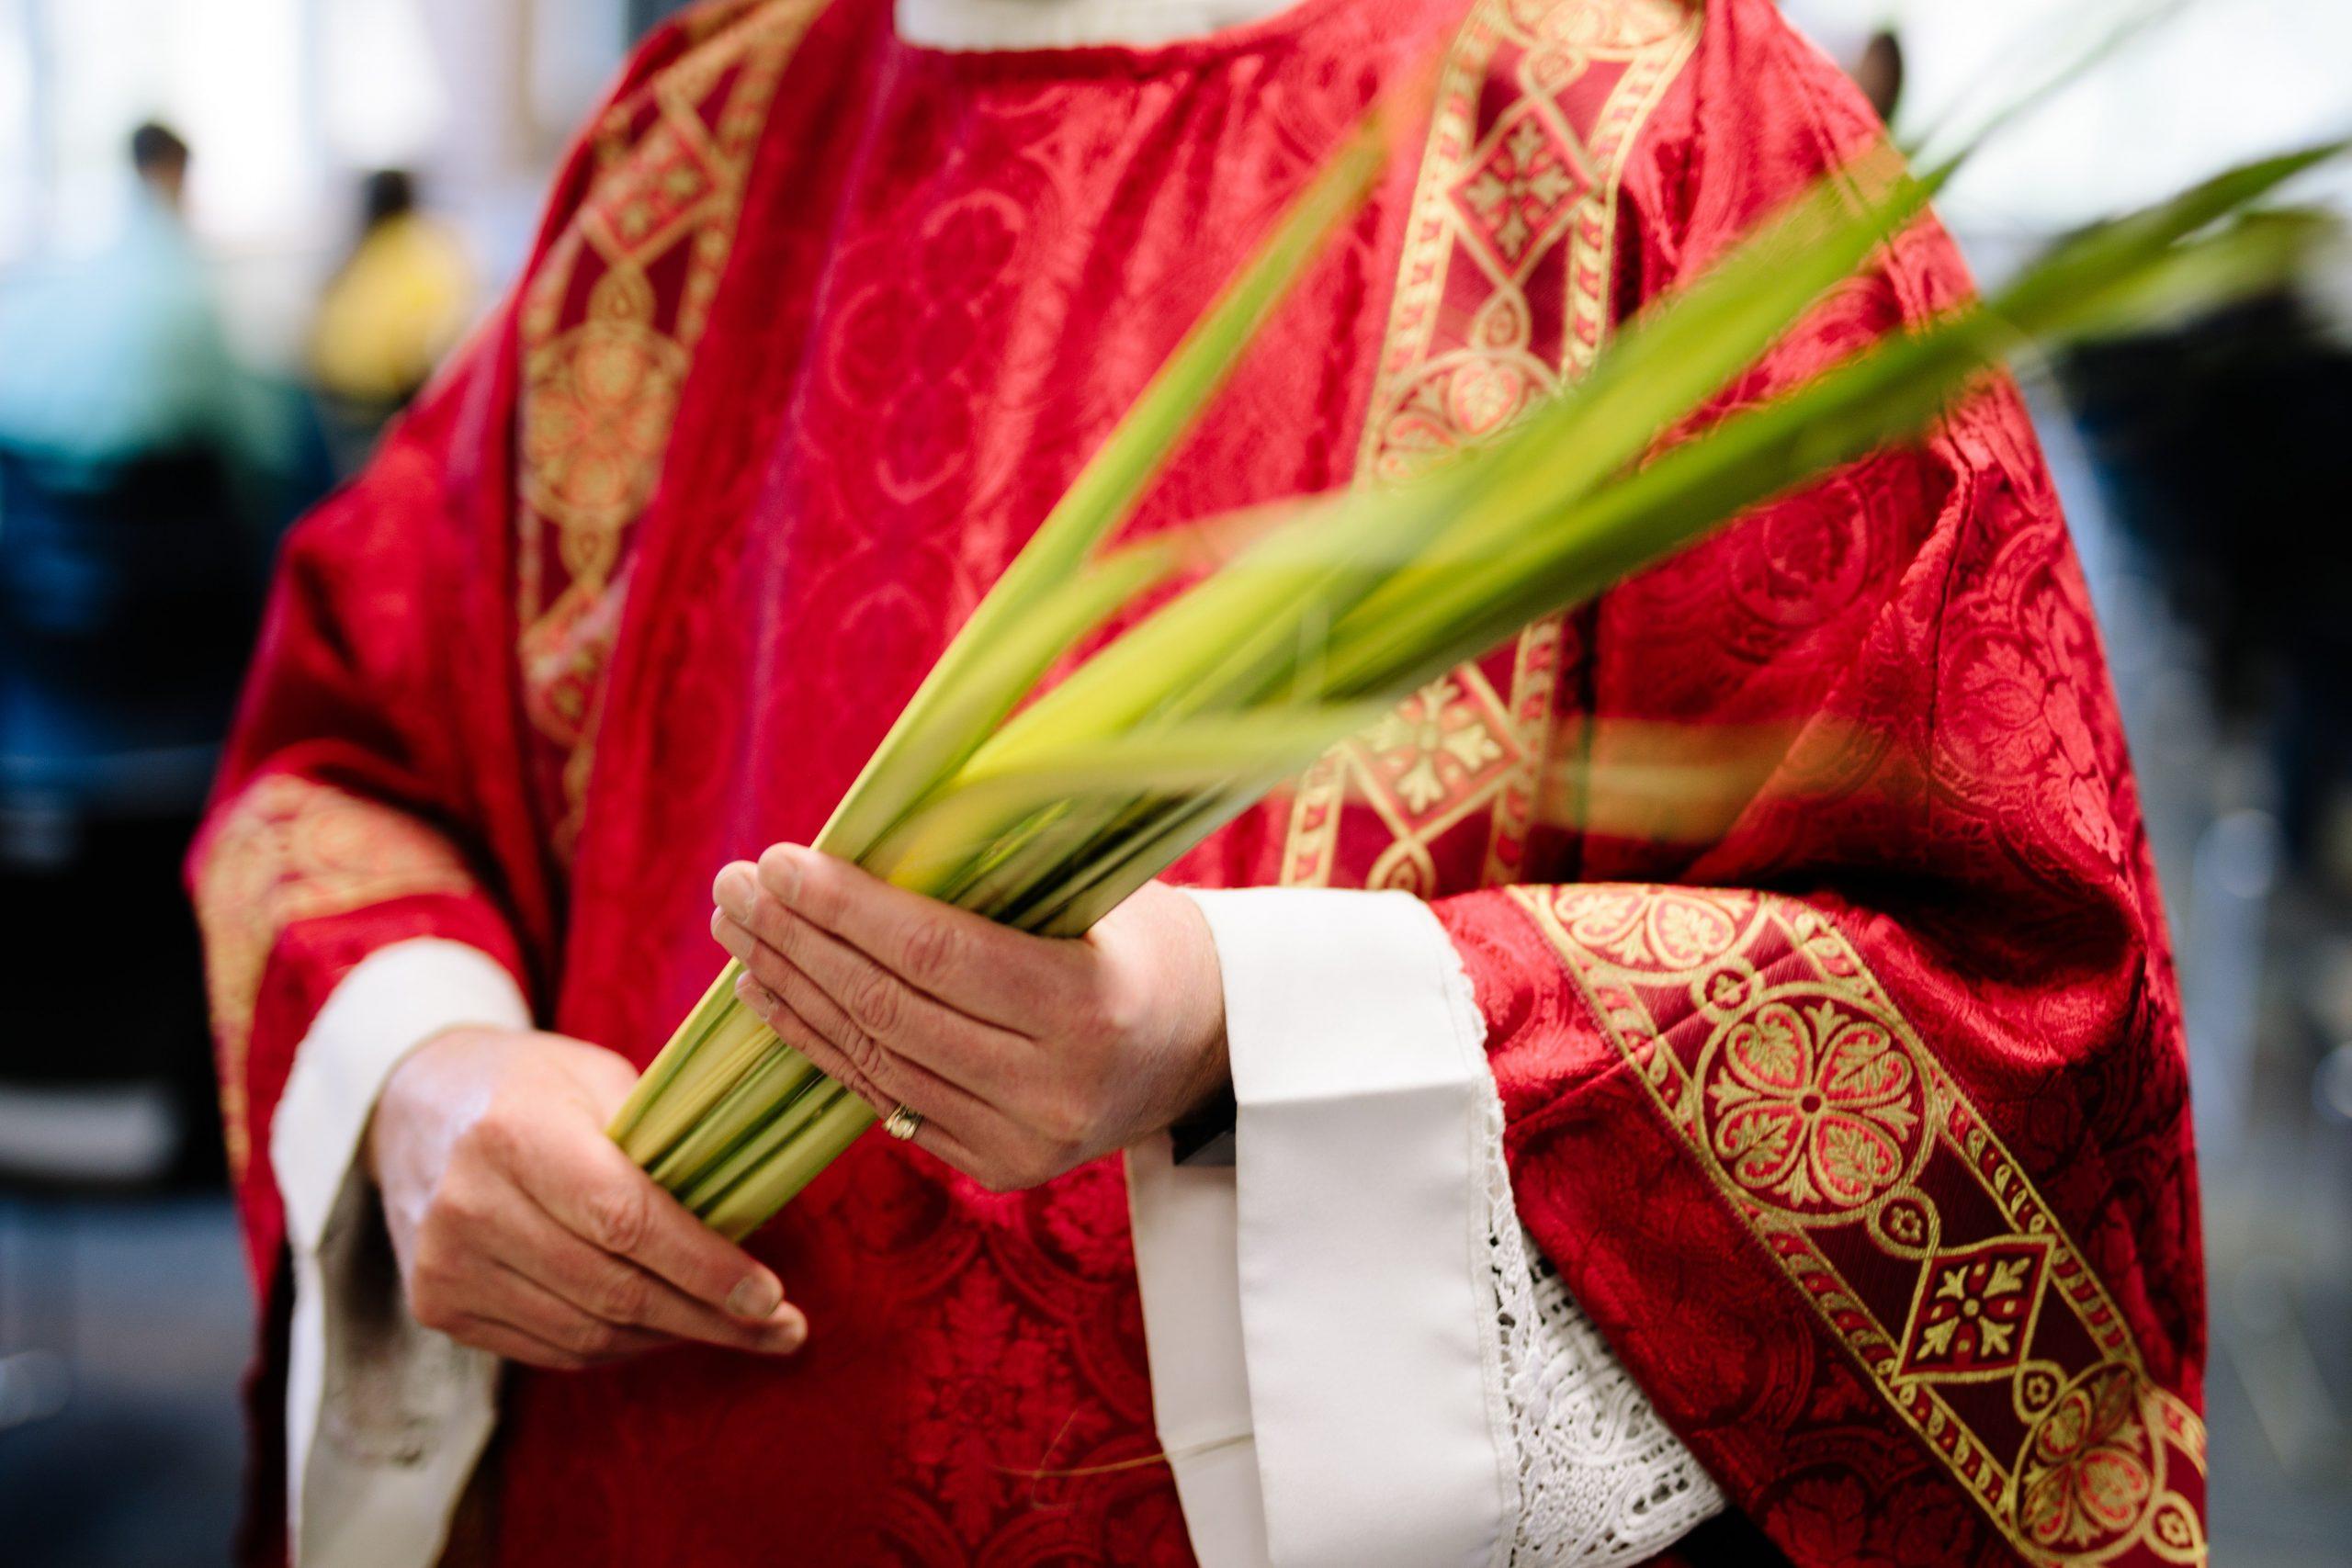 Cura sujetando hojas de palma durante Semana Santa